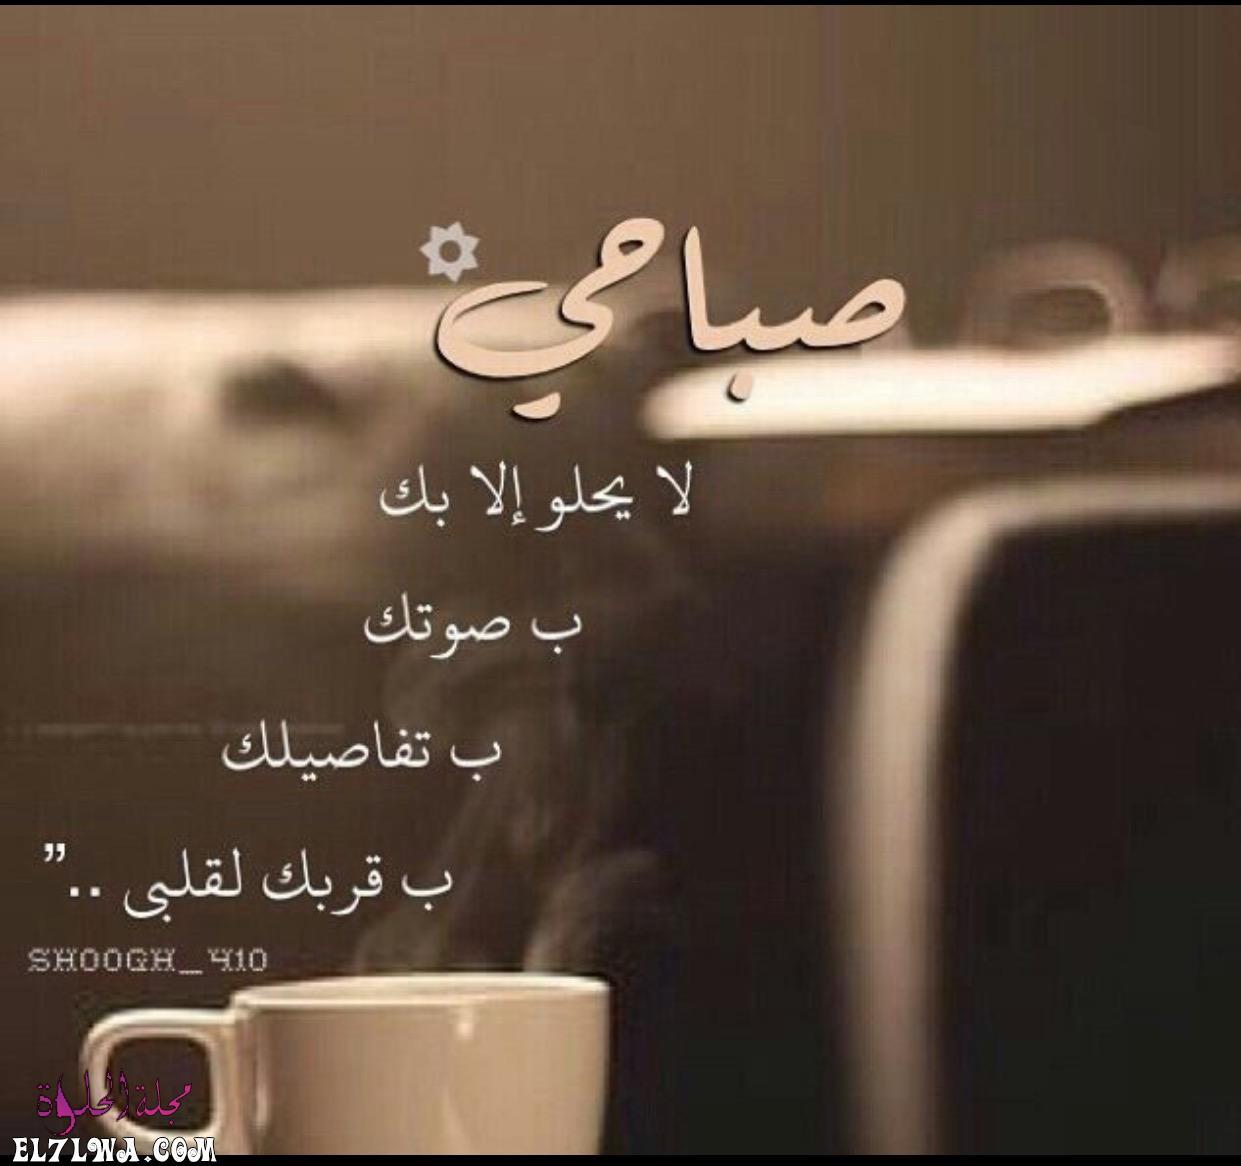 رسائل صباح الخير رومانسية